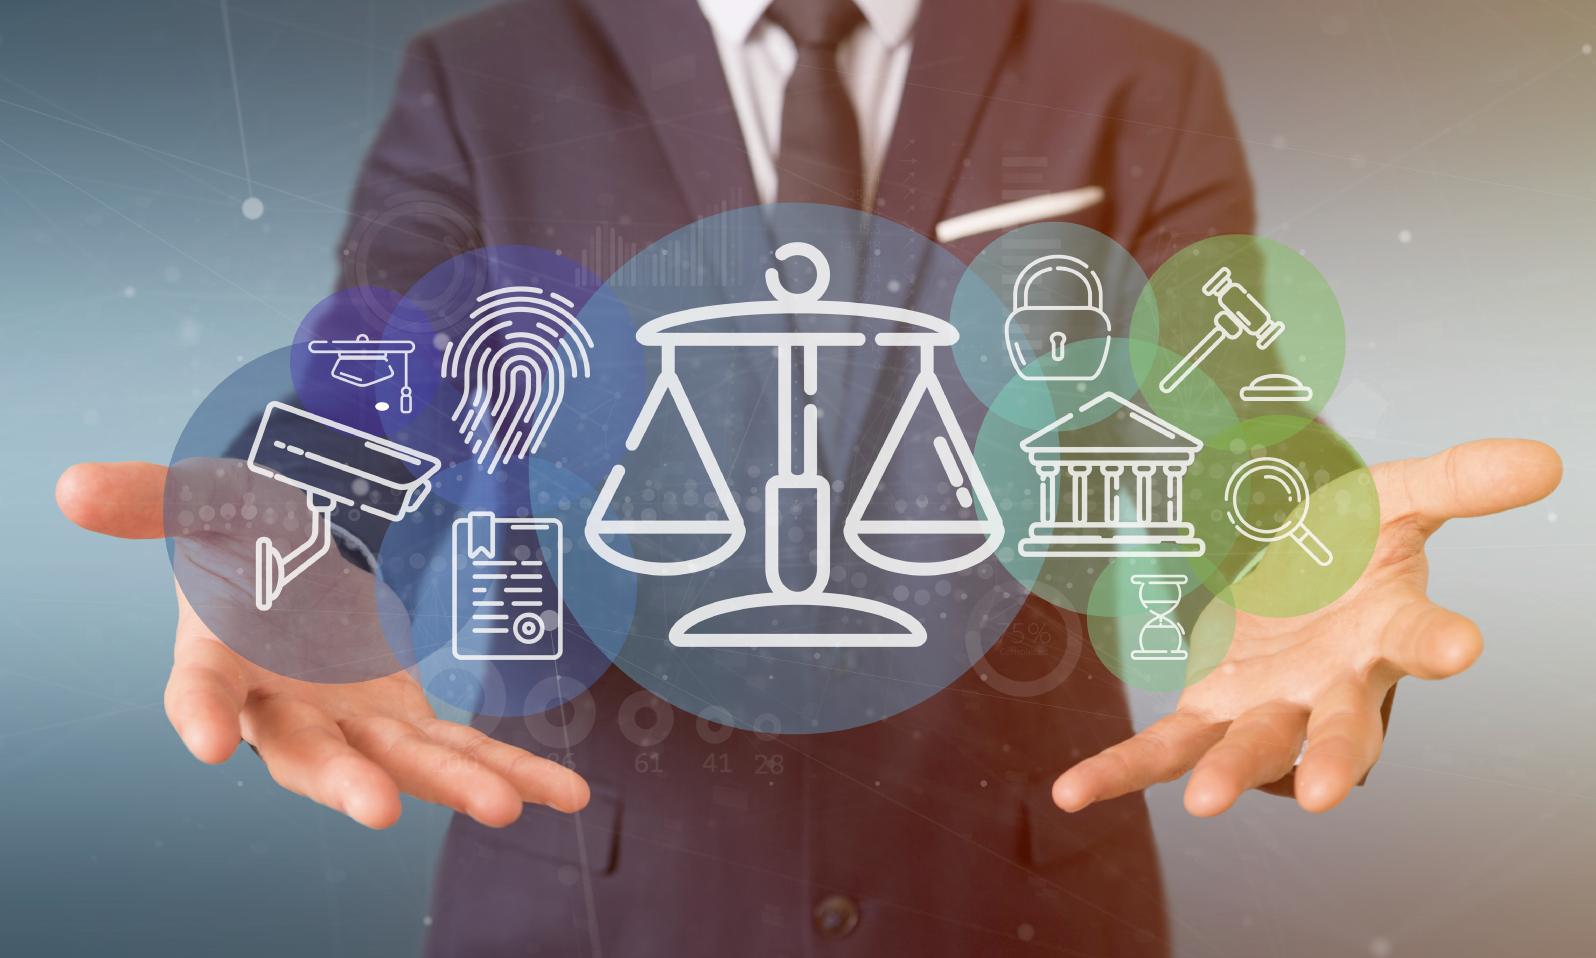 consultorio juridico digital unicosta universidad de la costa cuc